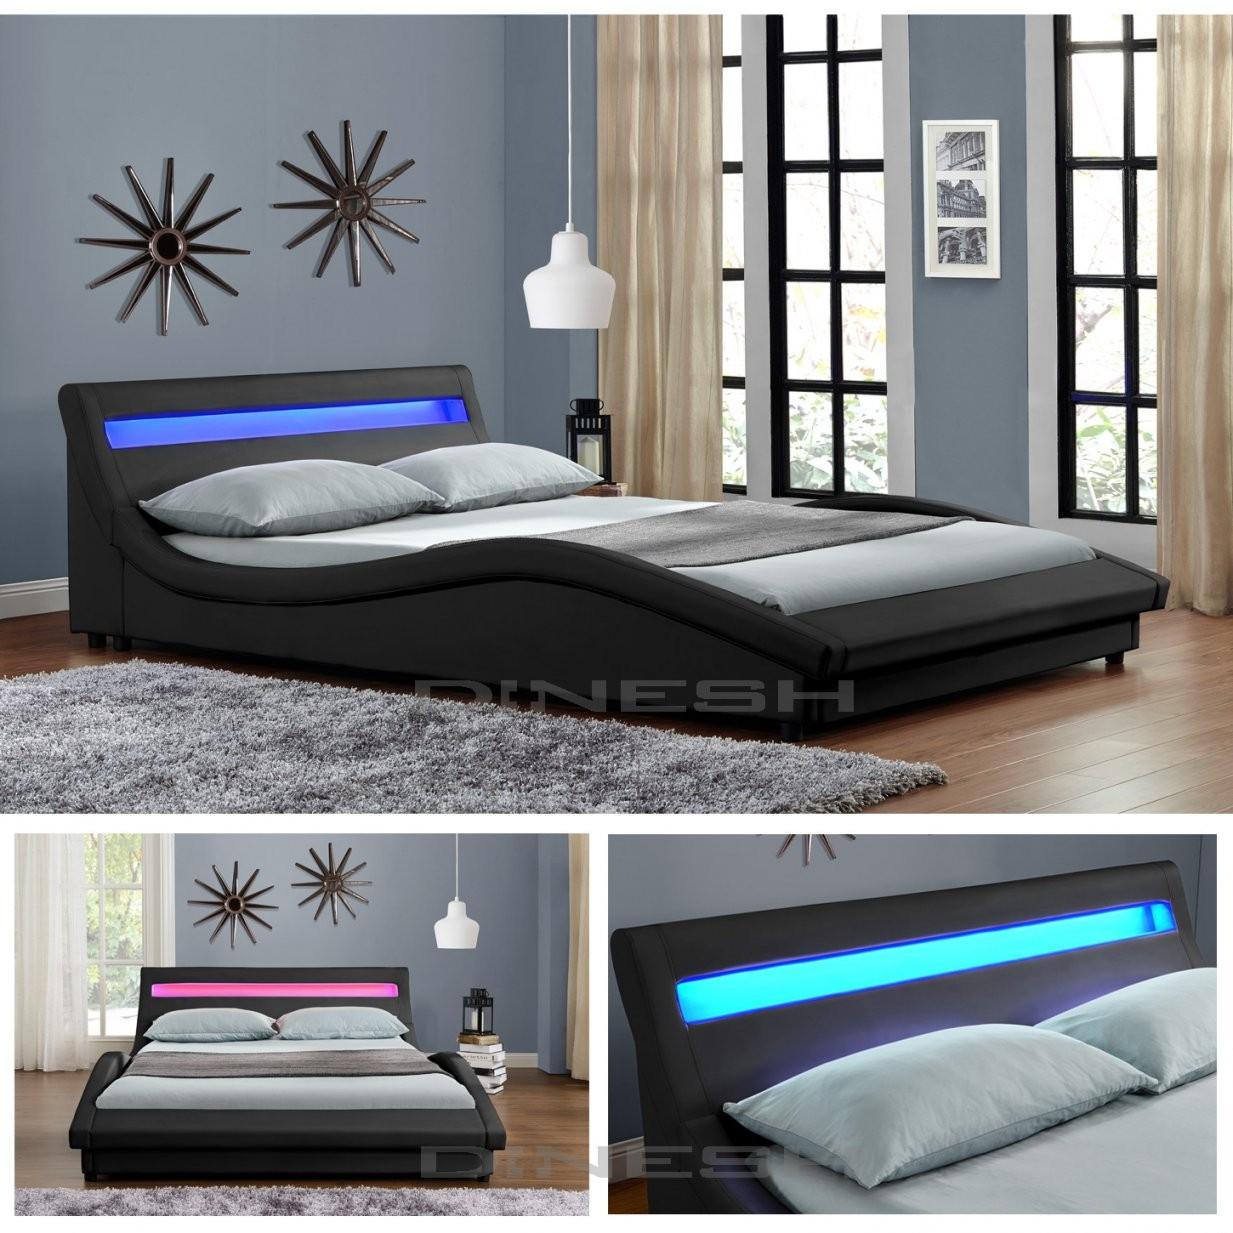 Charmant Bett 140X200 Komplett Günstig Billige Betten Billig von Bett 140X200 Weiß Mit Lattenrost Und Matratze Günstig Bild